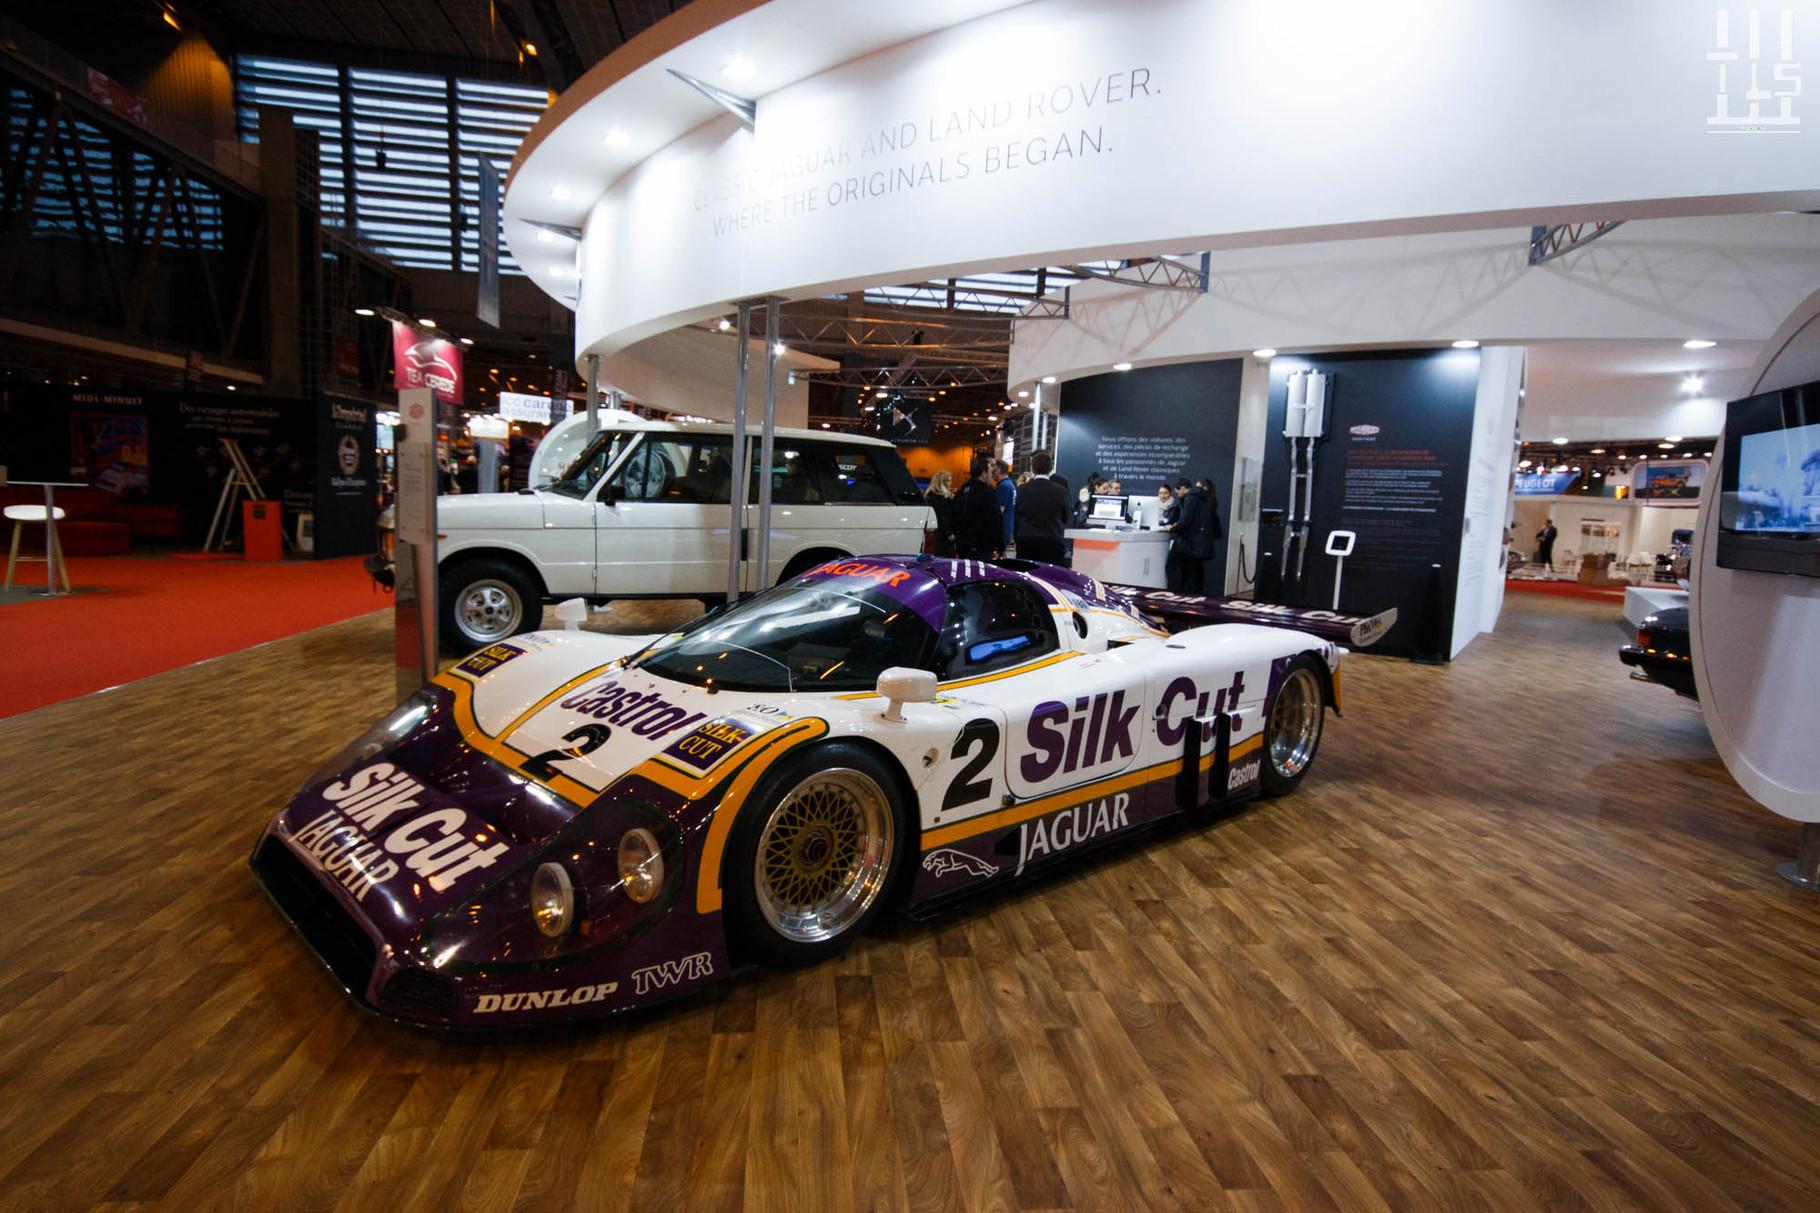 Tout comme la Jaguar XJR 9 s'expose chez Jaguar. Pour rappel, cette auto a gagné les 24 Heures du Mans en 1988.